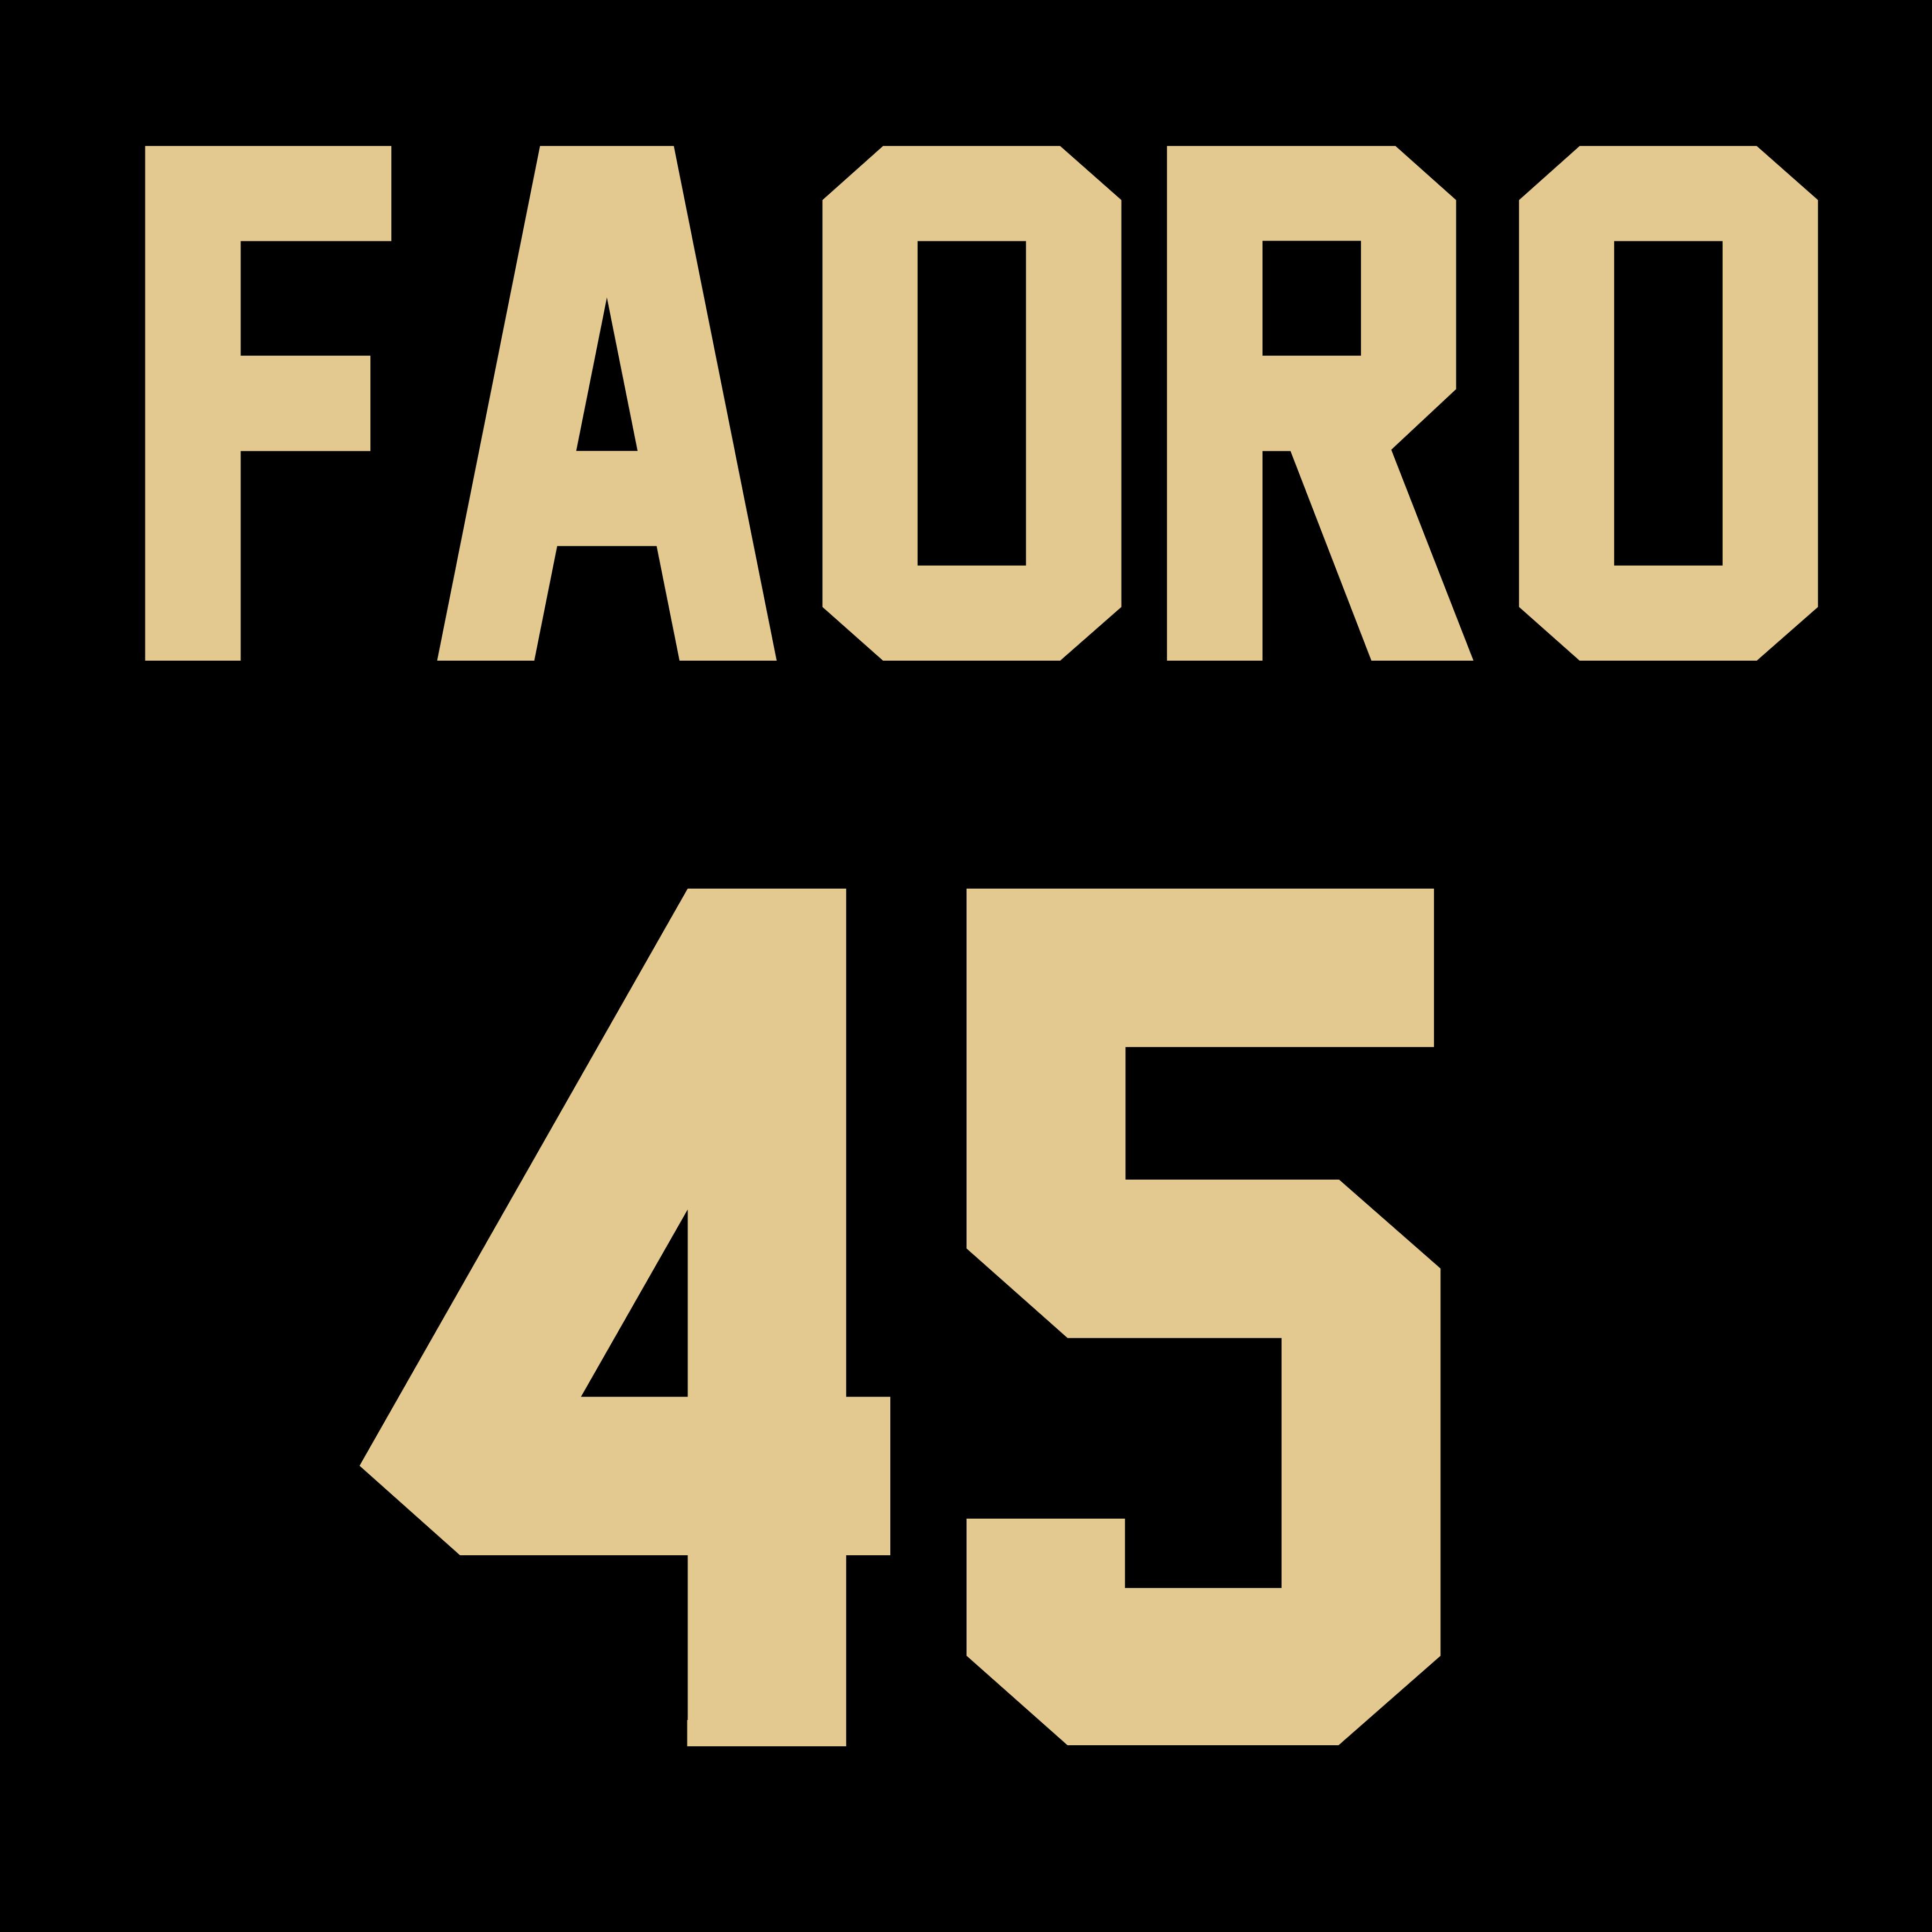 Men's Steve Faoro #45 Fan Jersey